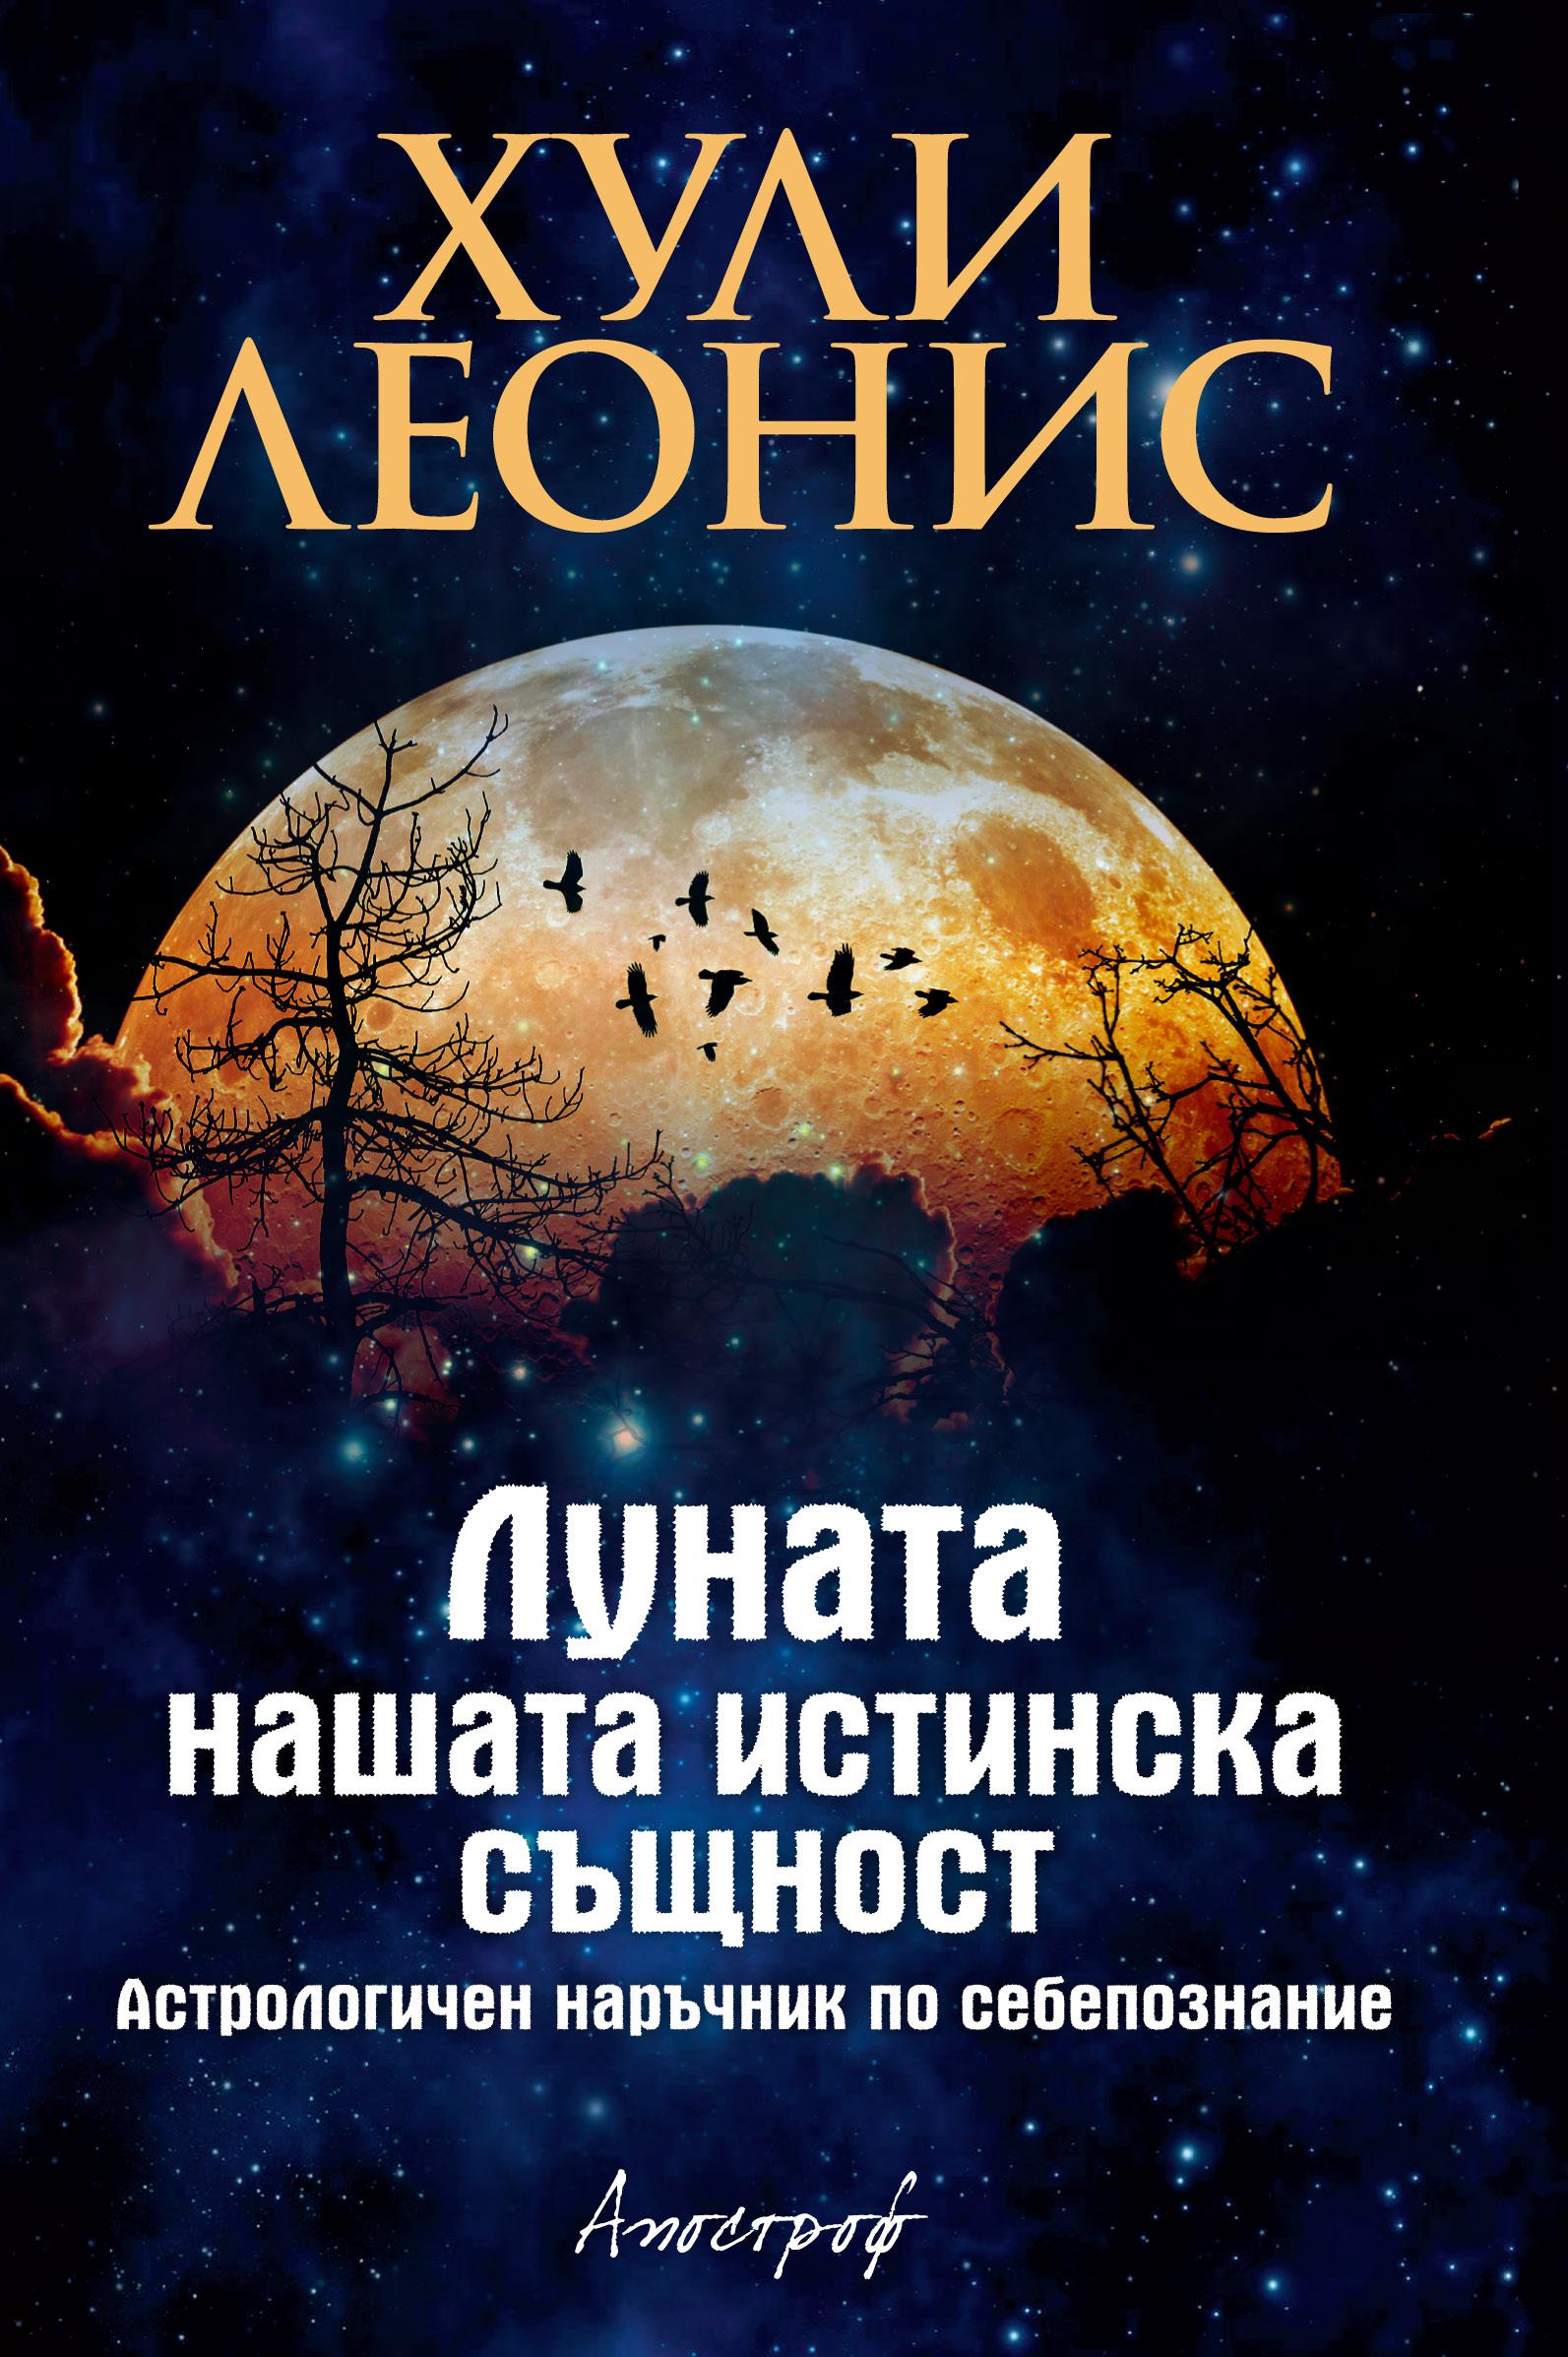 Apostrof_Lunata_nashata-istinska-syshtnost_cover-first